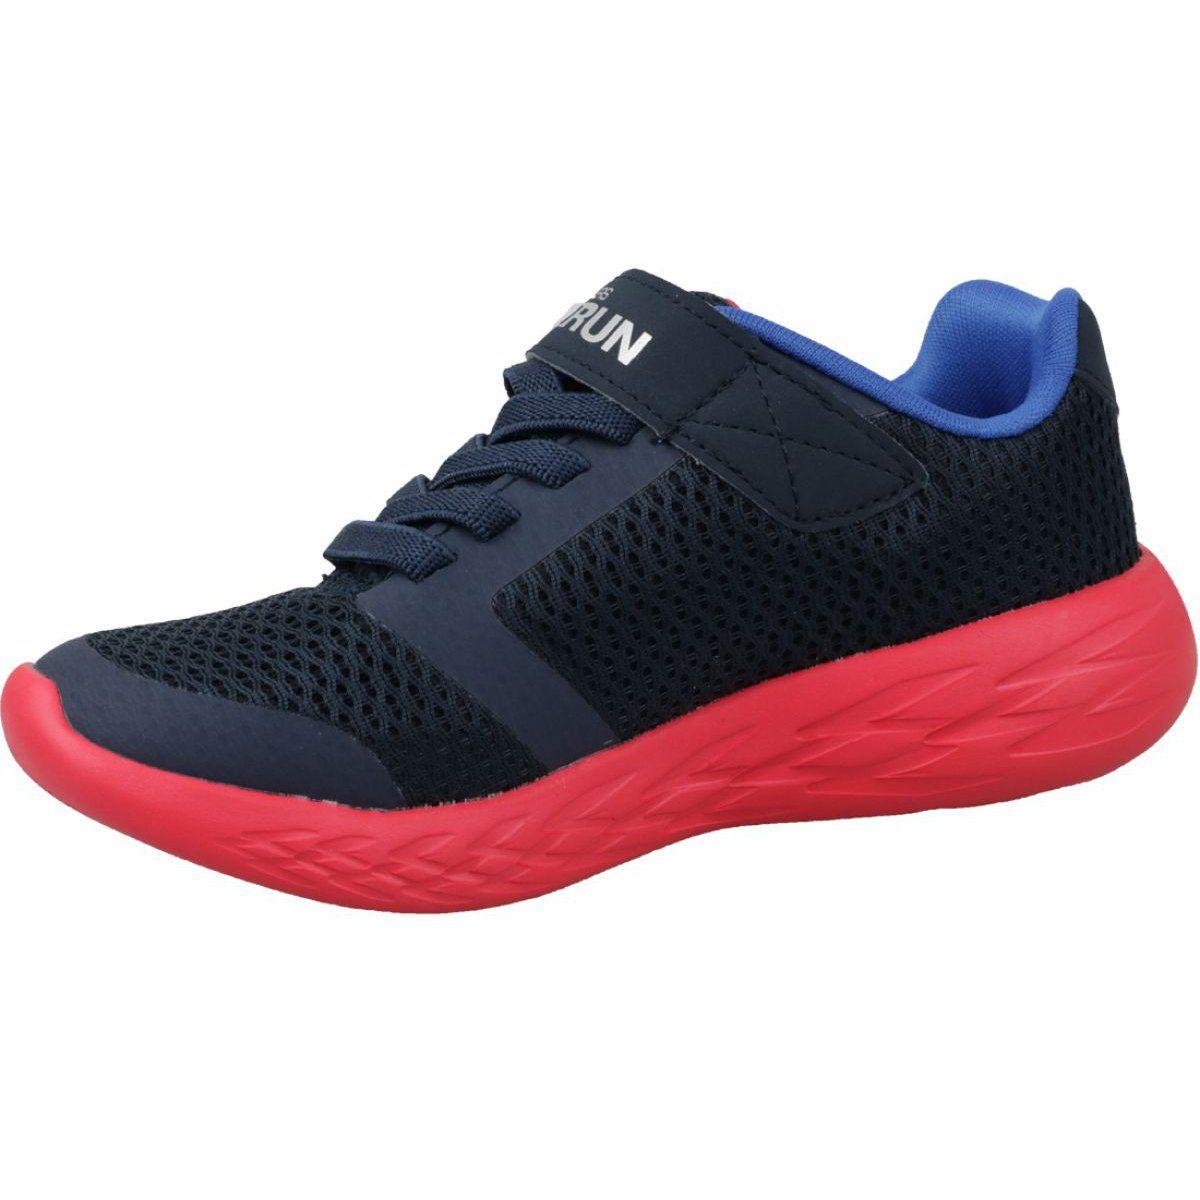 Buty Skechers Go Run 600 Jr 97860l Nvrd Granatowe Skechers Kid Shoes Shoes